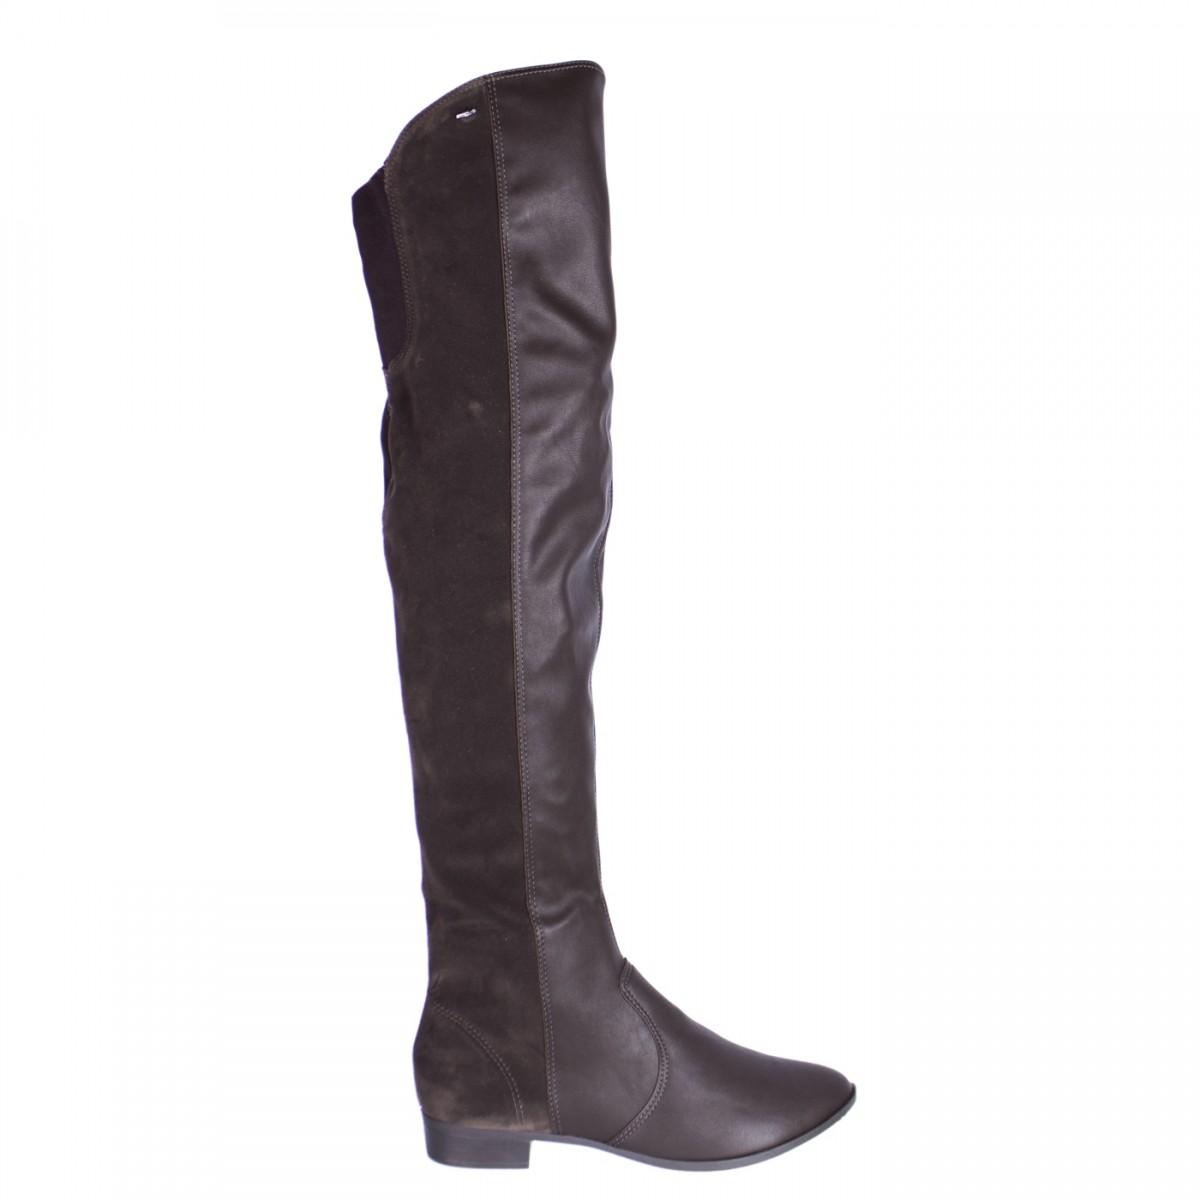 b9f72f85c Bizz Store - Bota Feminina Over Knee Dakota Fiona Couro Nobuck